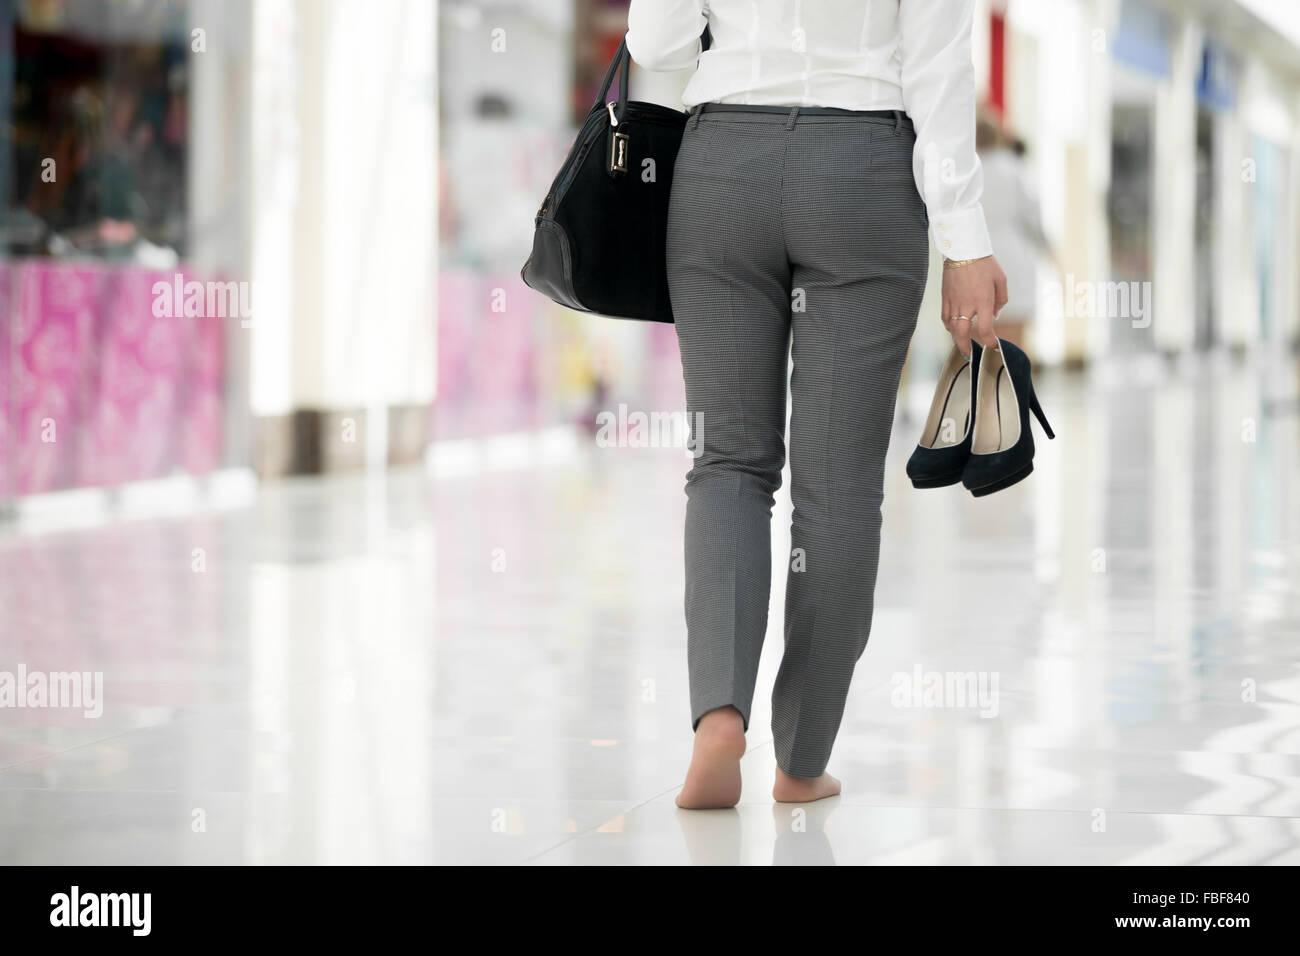 Junge Frau im Büro Stil Kleidung tragen in der hand ihre ...